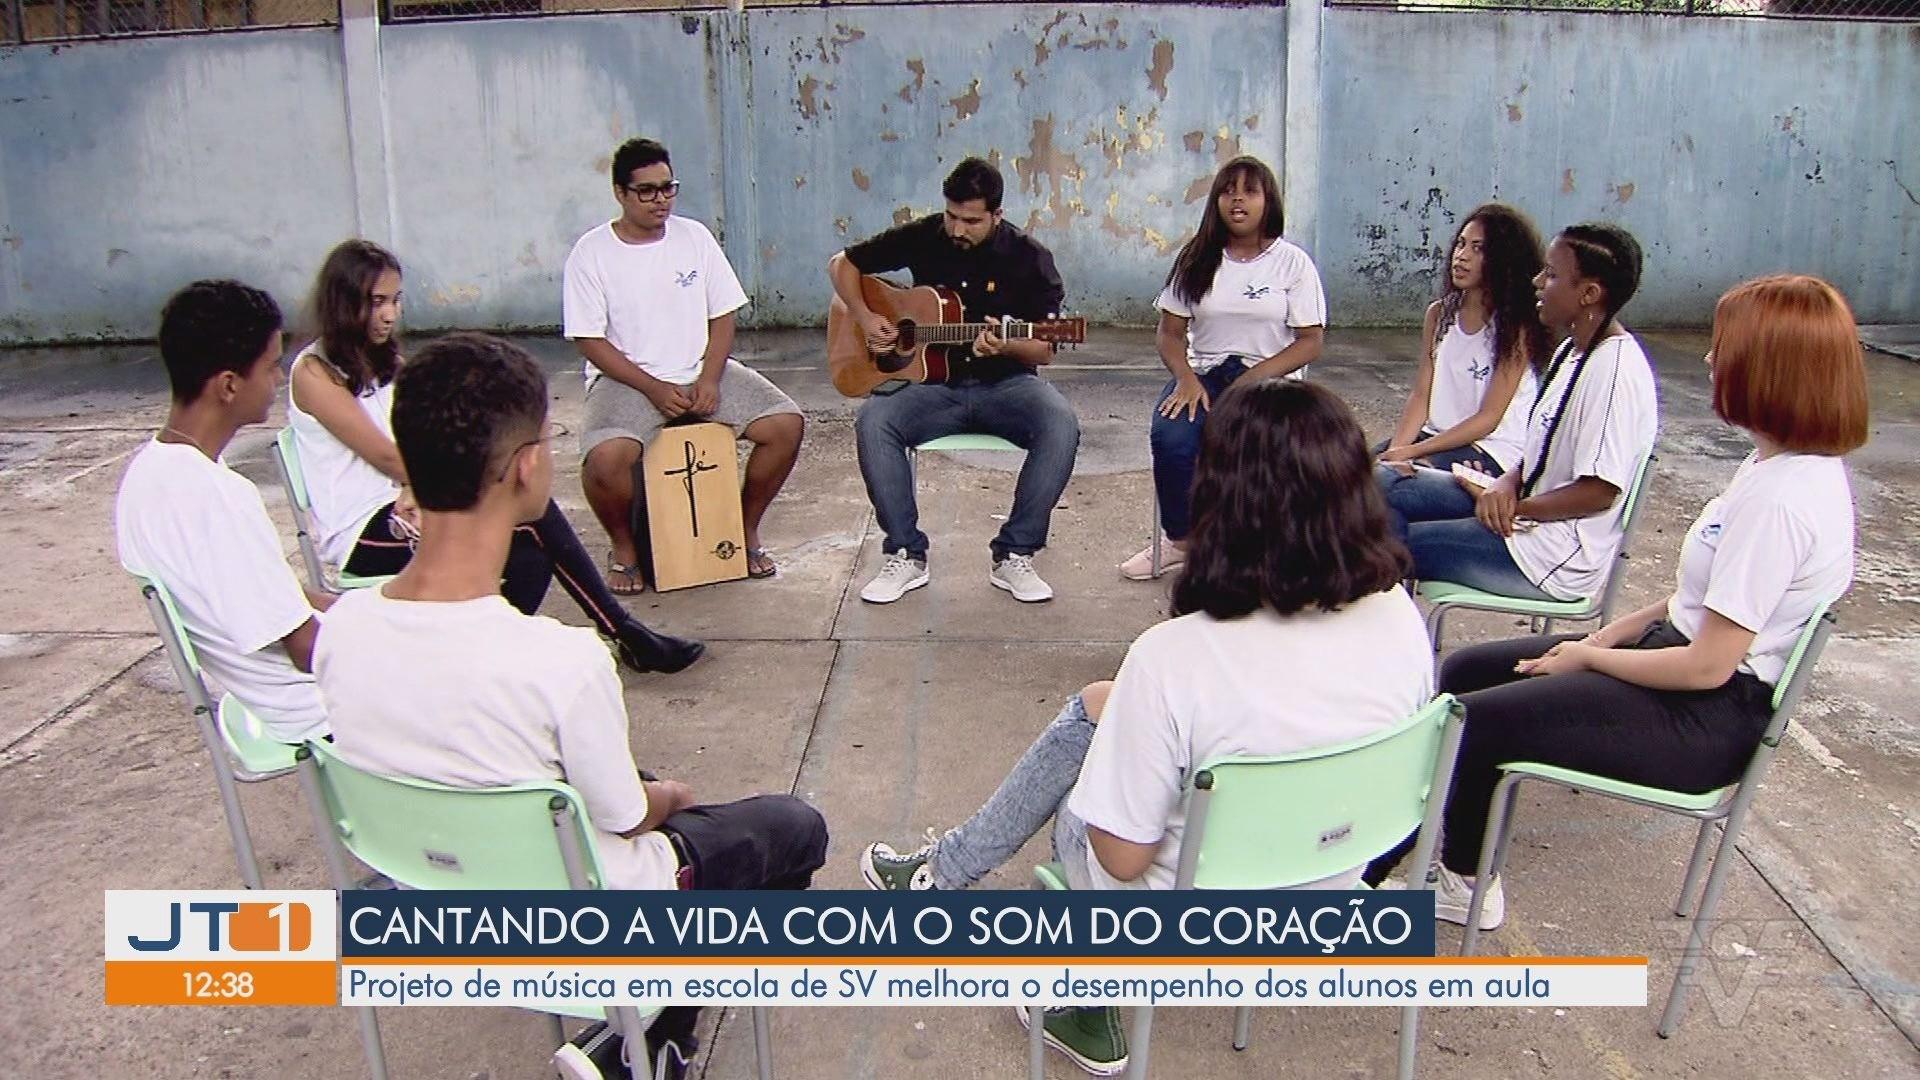 VÍDEOS: Jornal da Tribuna 1ª Edição de quarta-feira, 20 de novembro